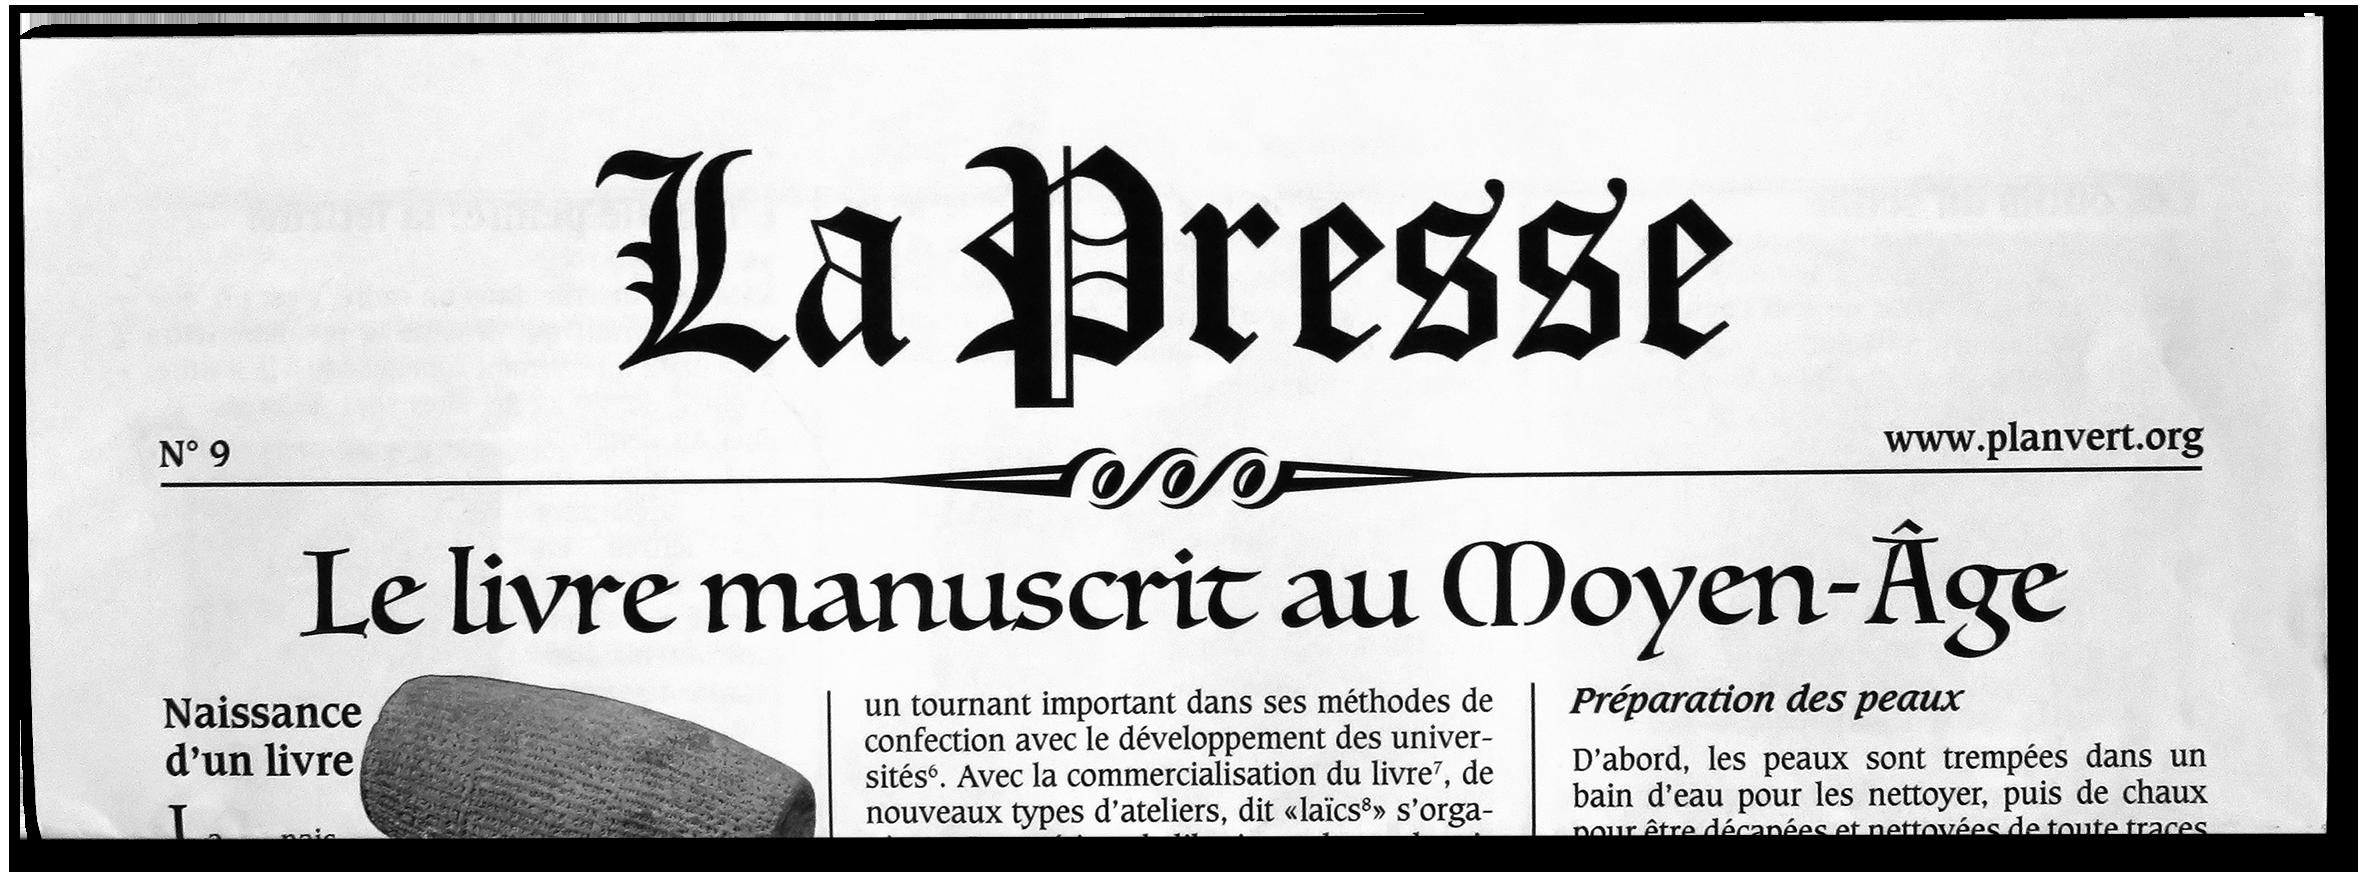 La Presse N°9 sur le manuscrit